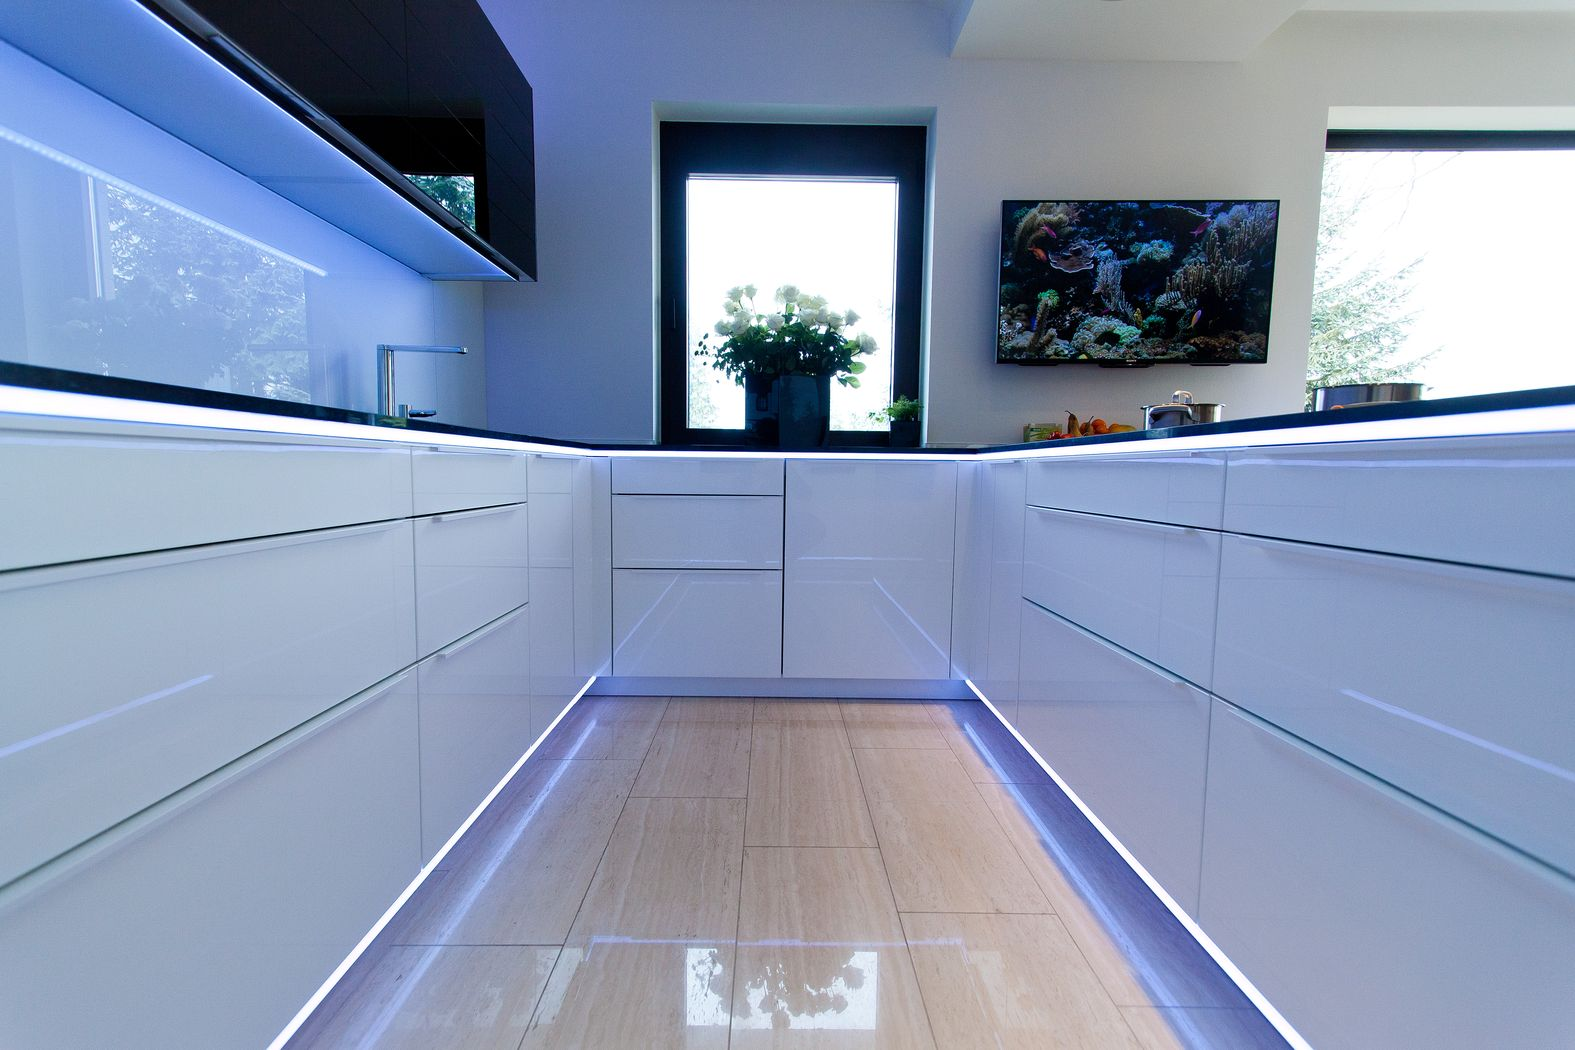 Full Size of Küchenlampen Kchenbeleuchtung Das Optimale Licht Und Lampen Fr Kche Wohnzimmer Küchenlampen